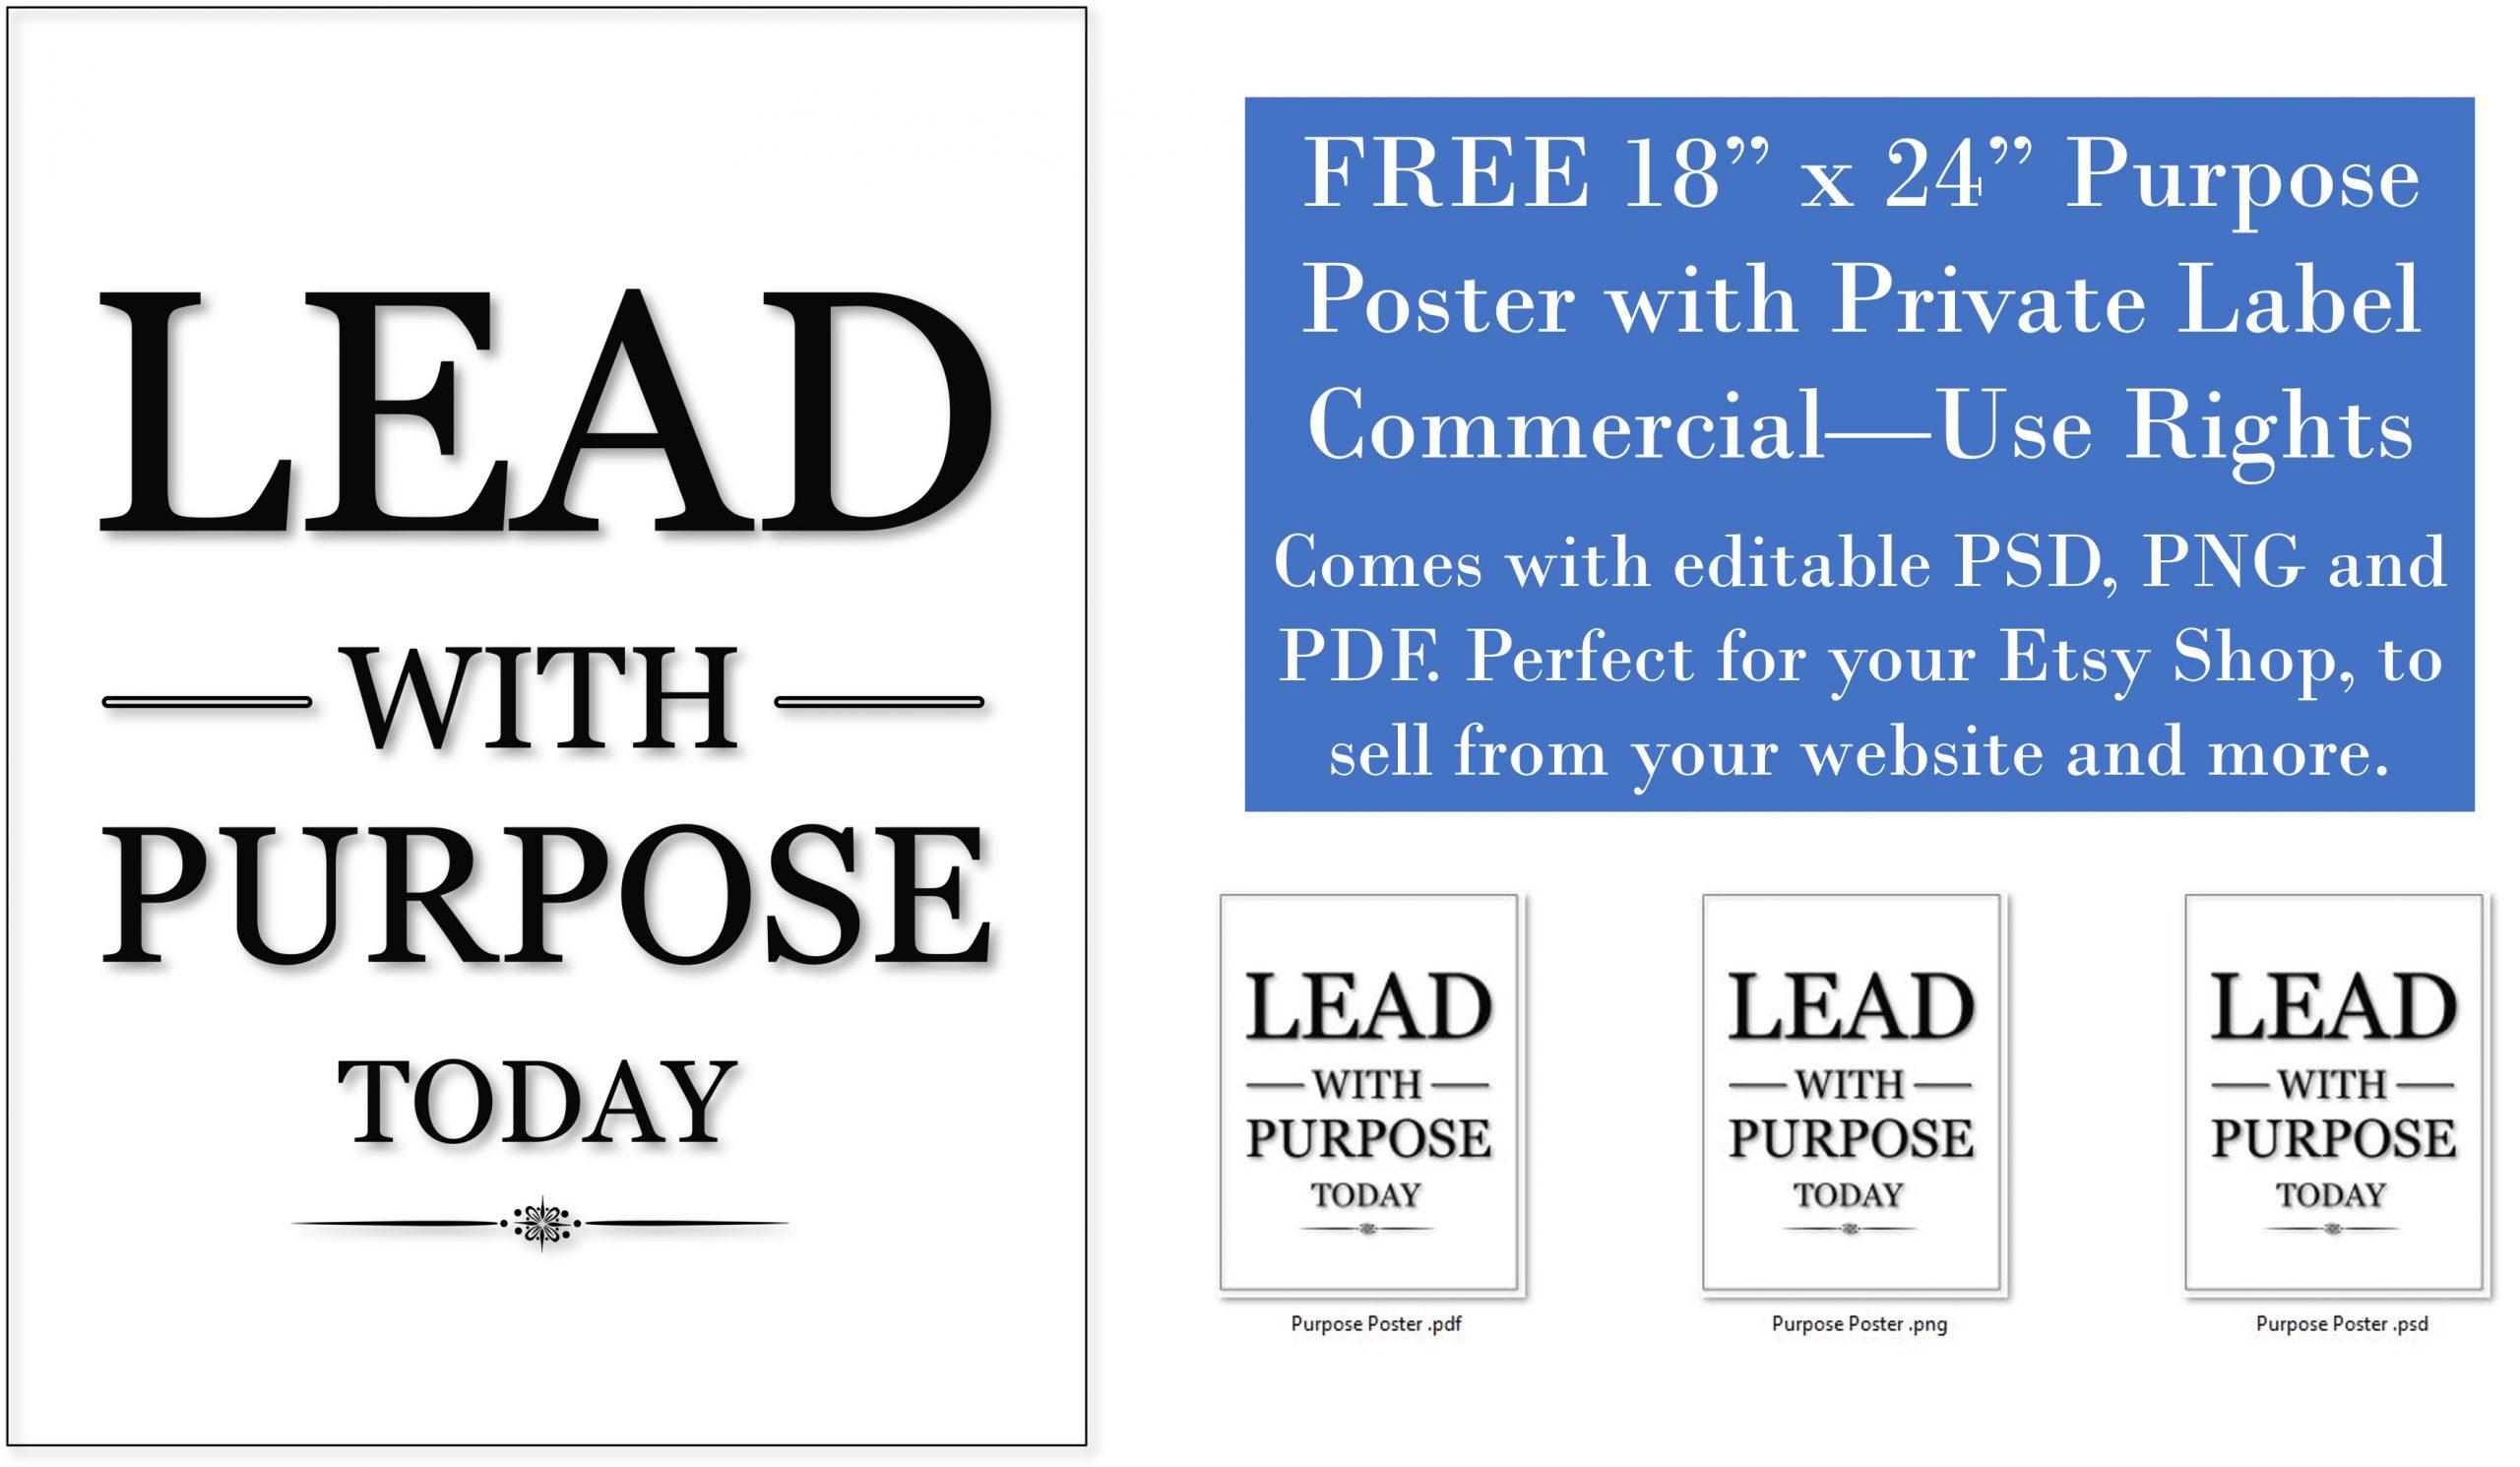 Free PLR Power of Purpose